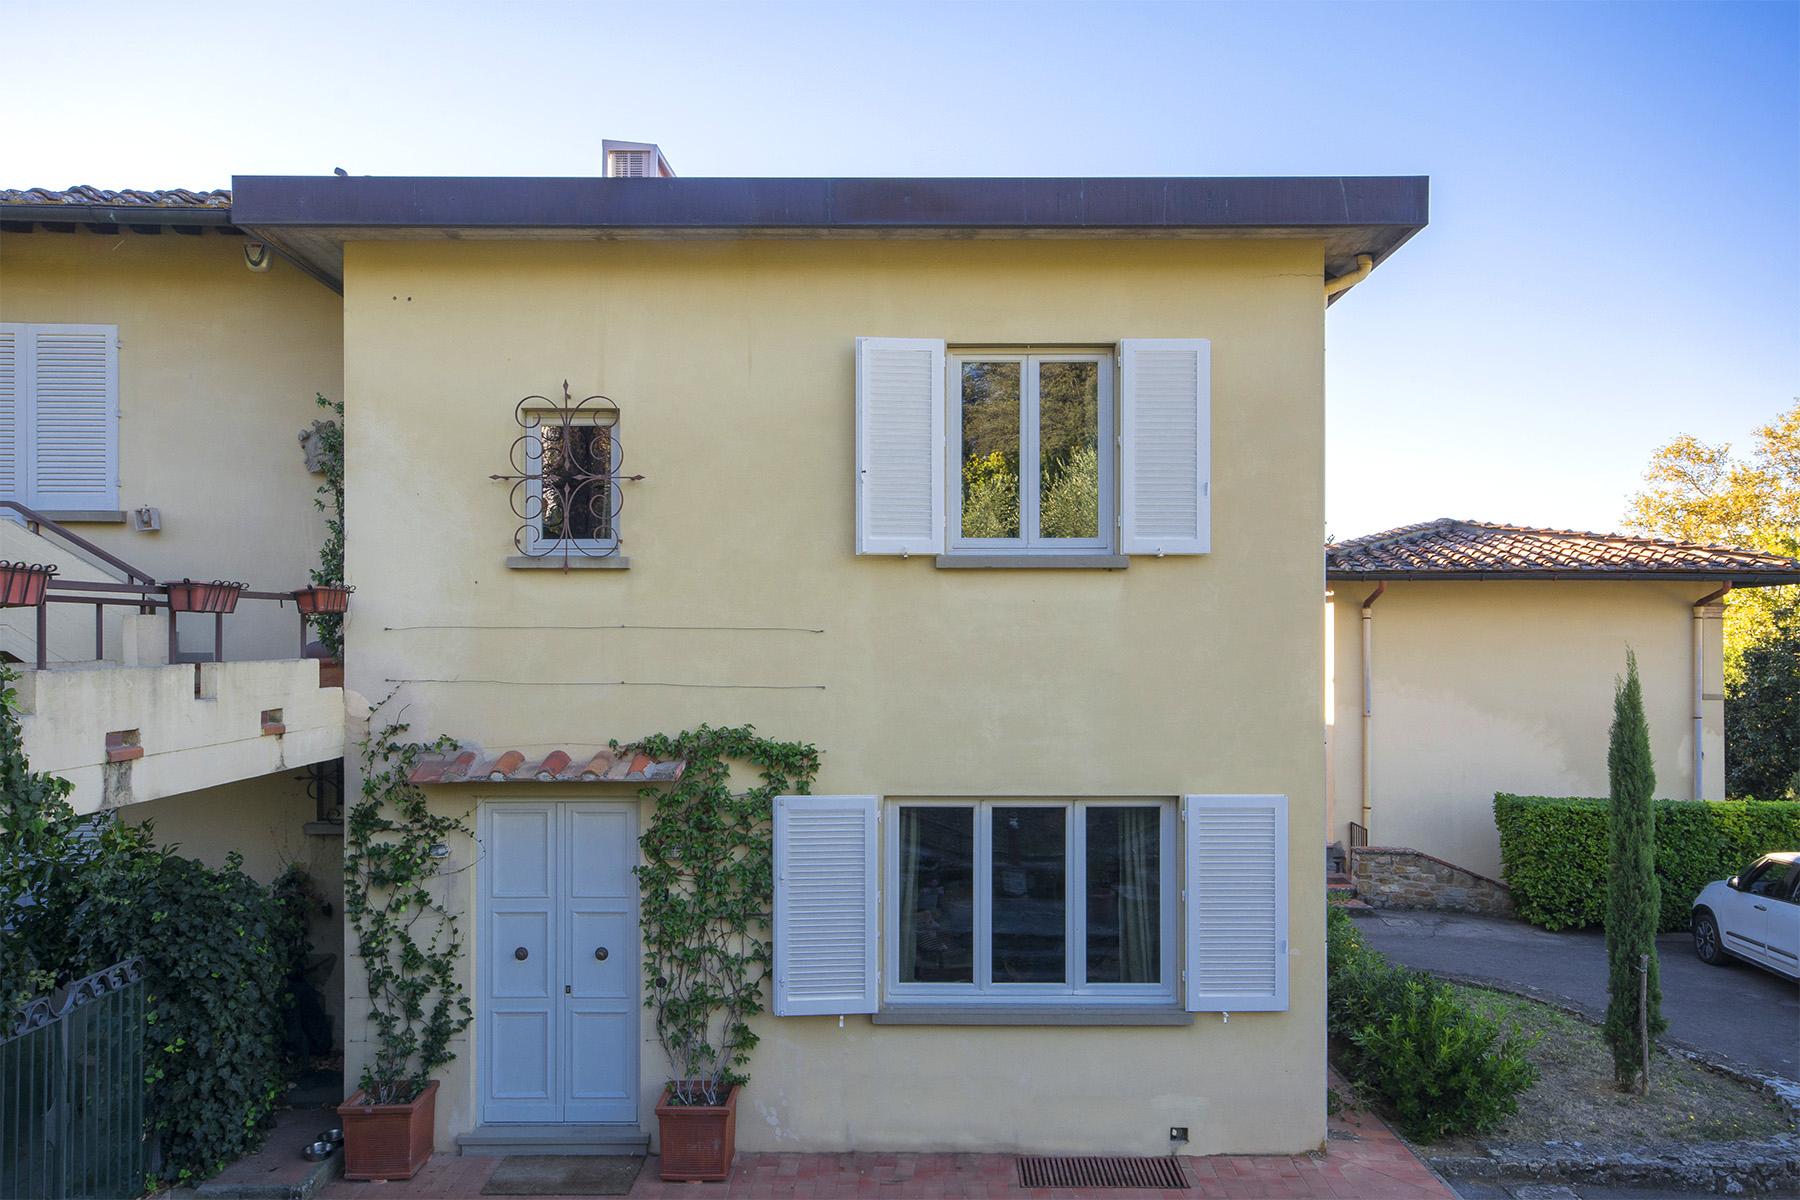 Casa indipendente in Vendita a Firenze: 5 locali, 128 mq - Foto 11